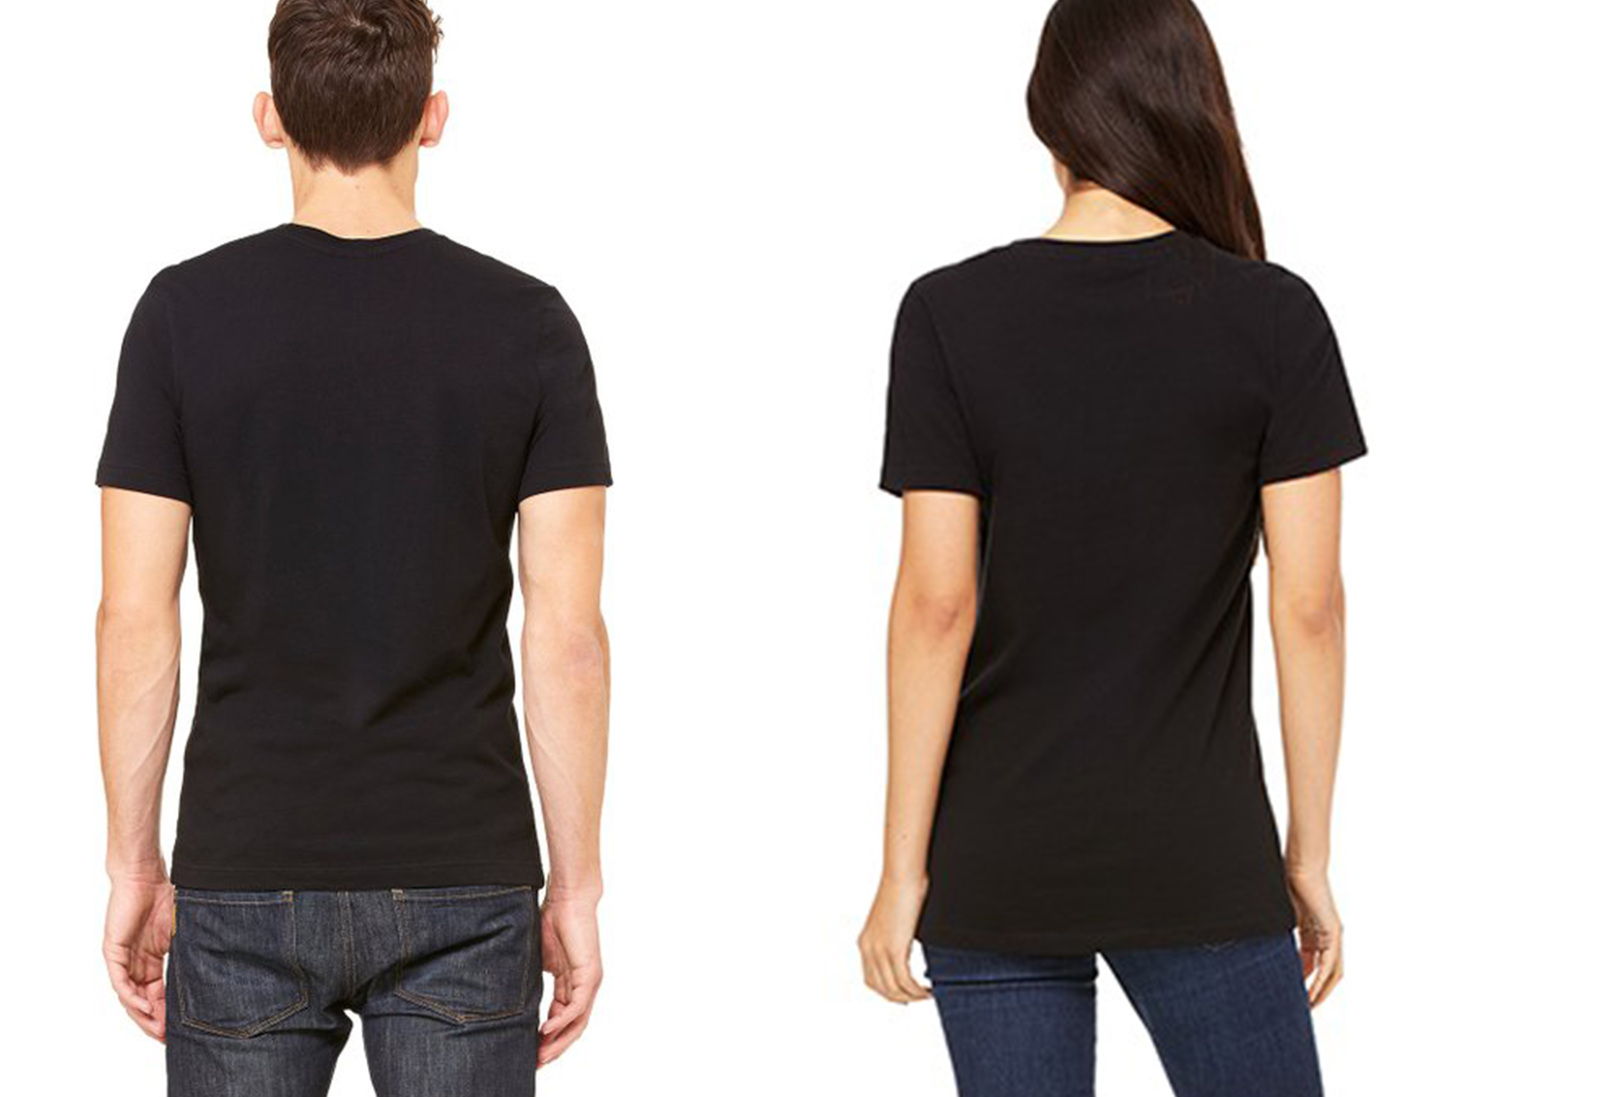 el paso strong unisex t shirt, El Paso Texas Strong tshirt El Paso Texas tee image 7